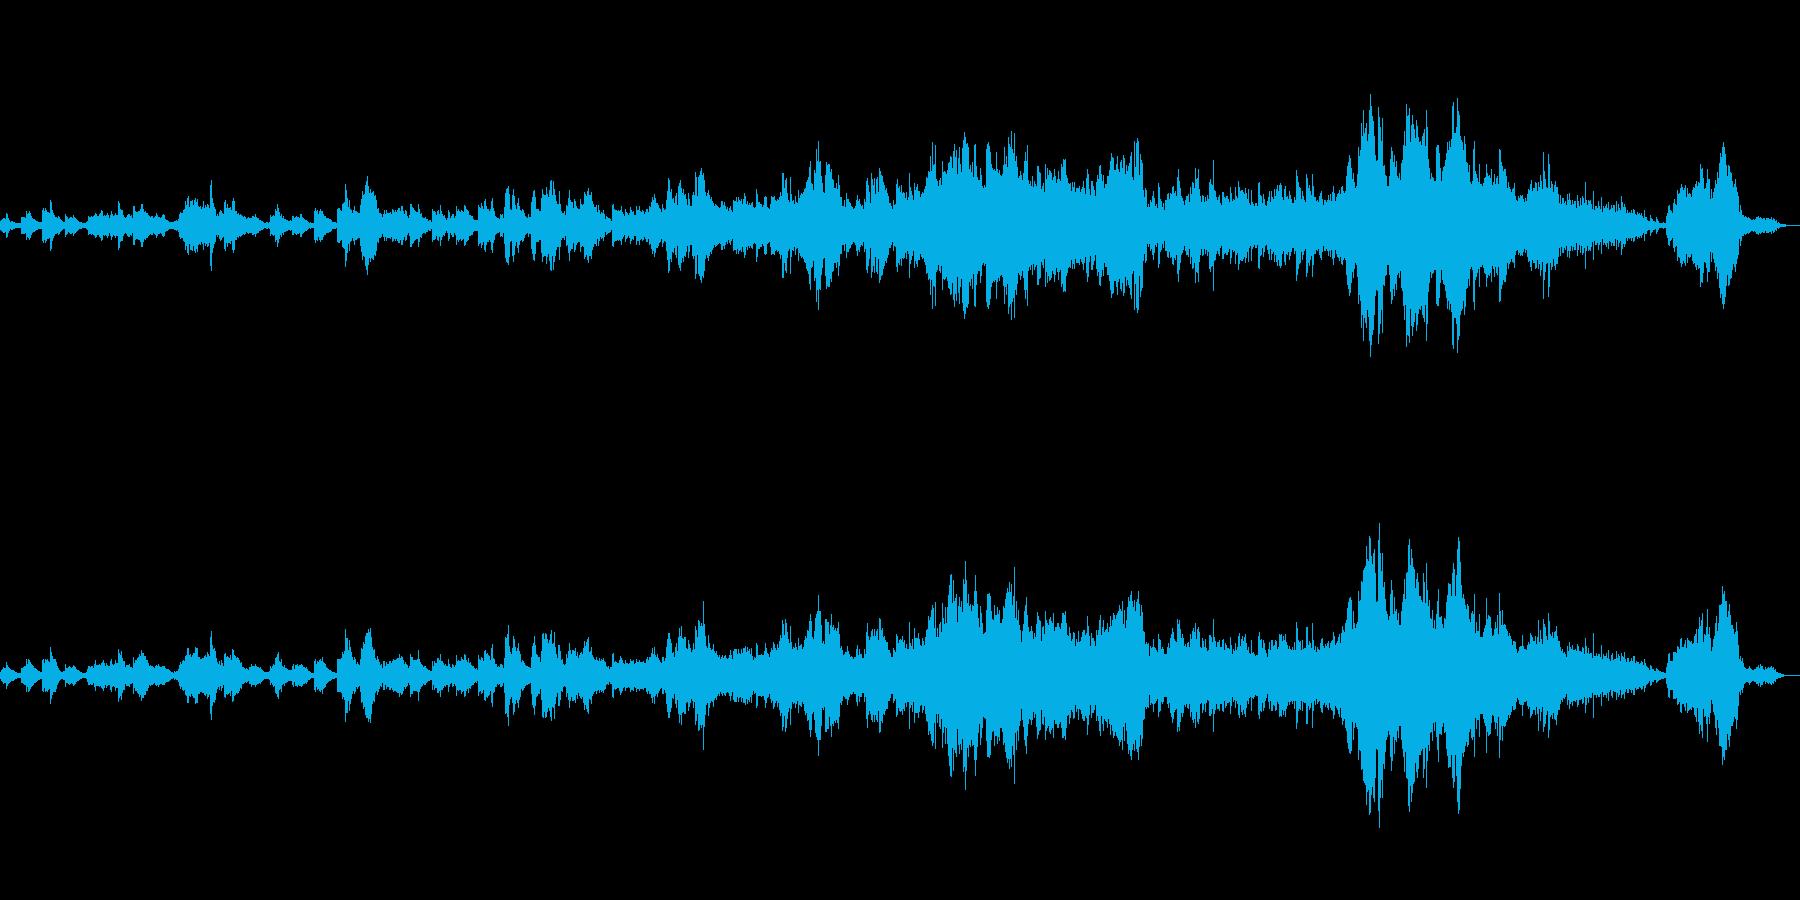 海の底で歌う人魚のようなボーカルとピアノの再生済みの波形